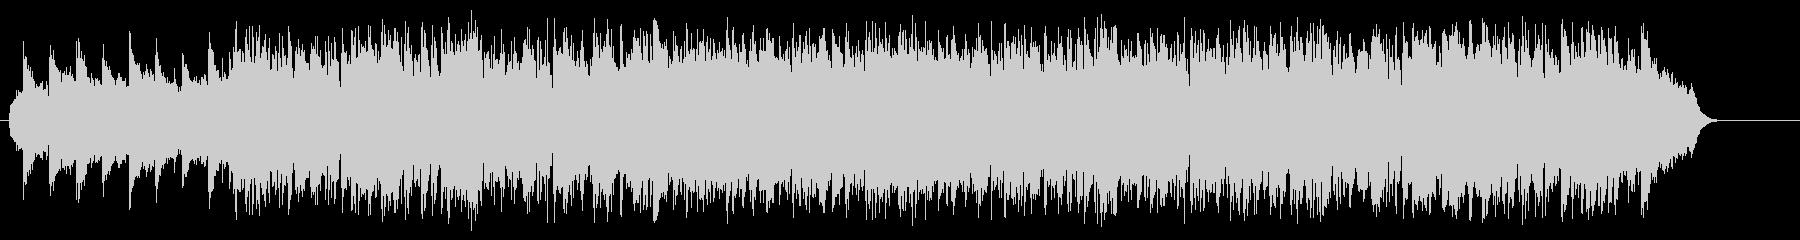 タイのポピュラー・ミュージックの未再生の波形